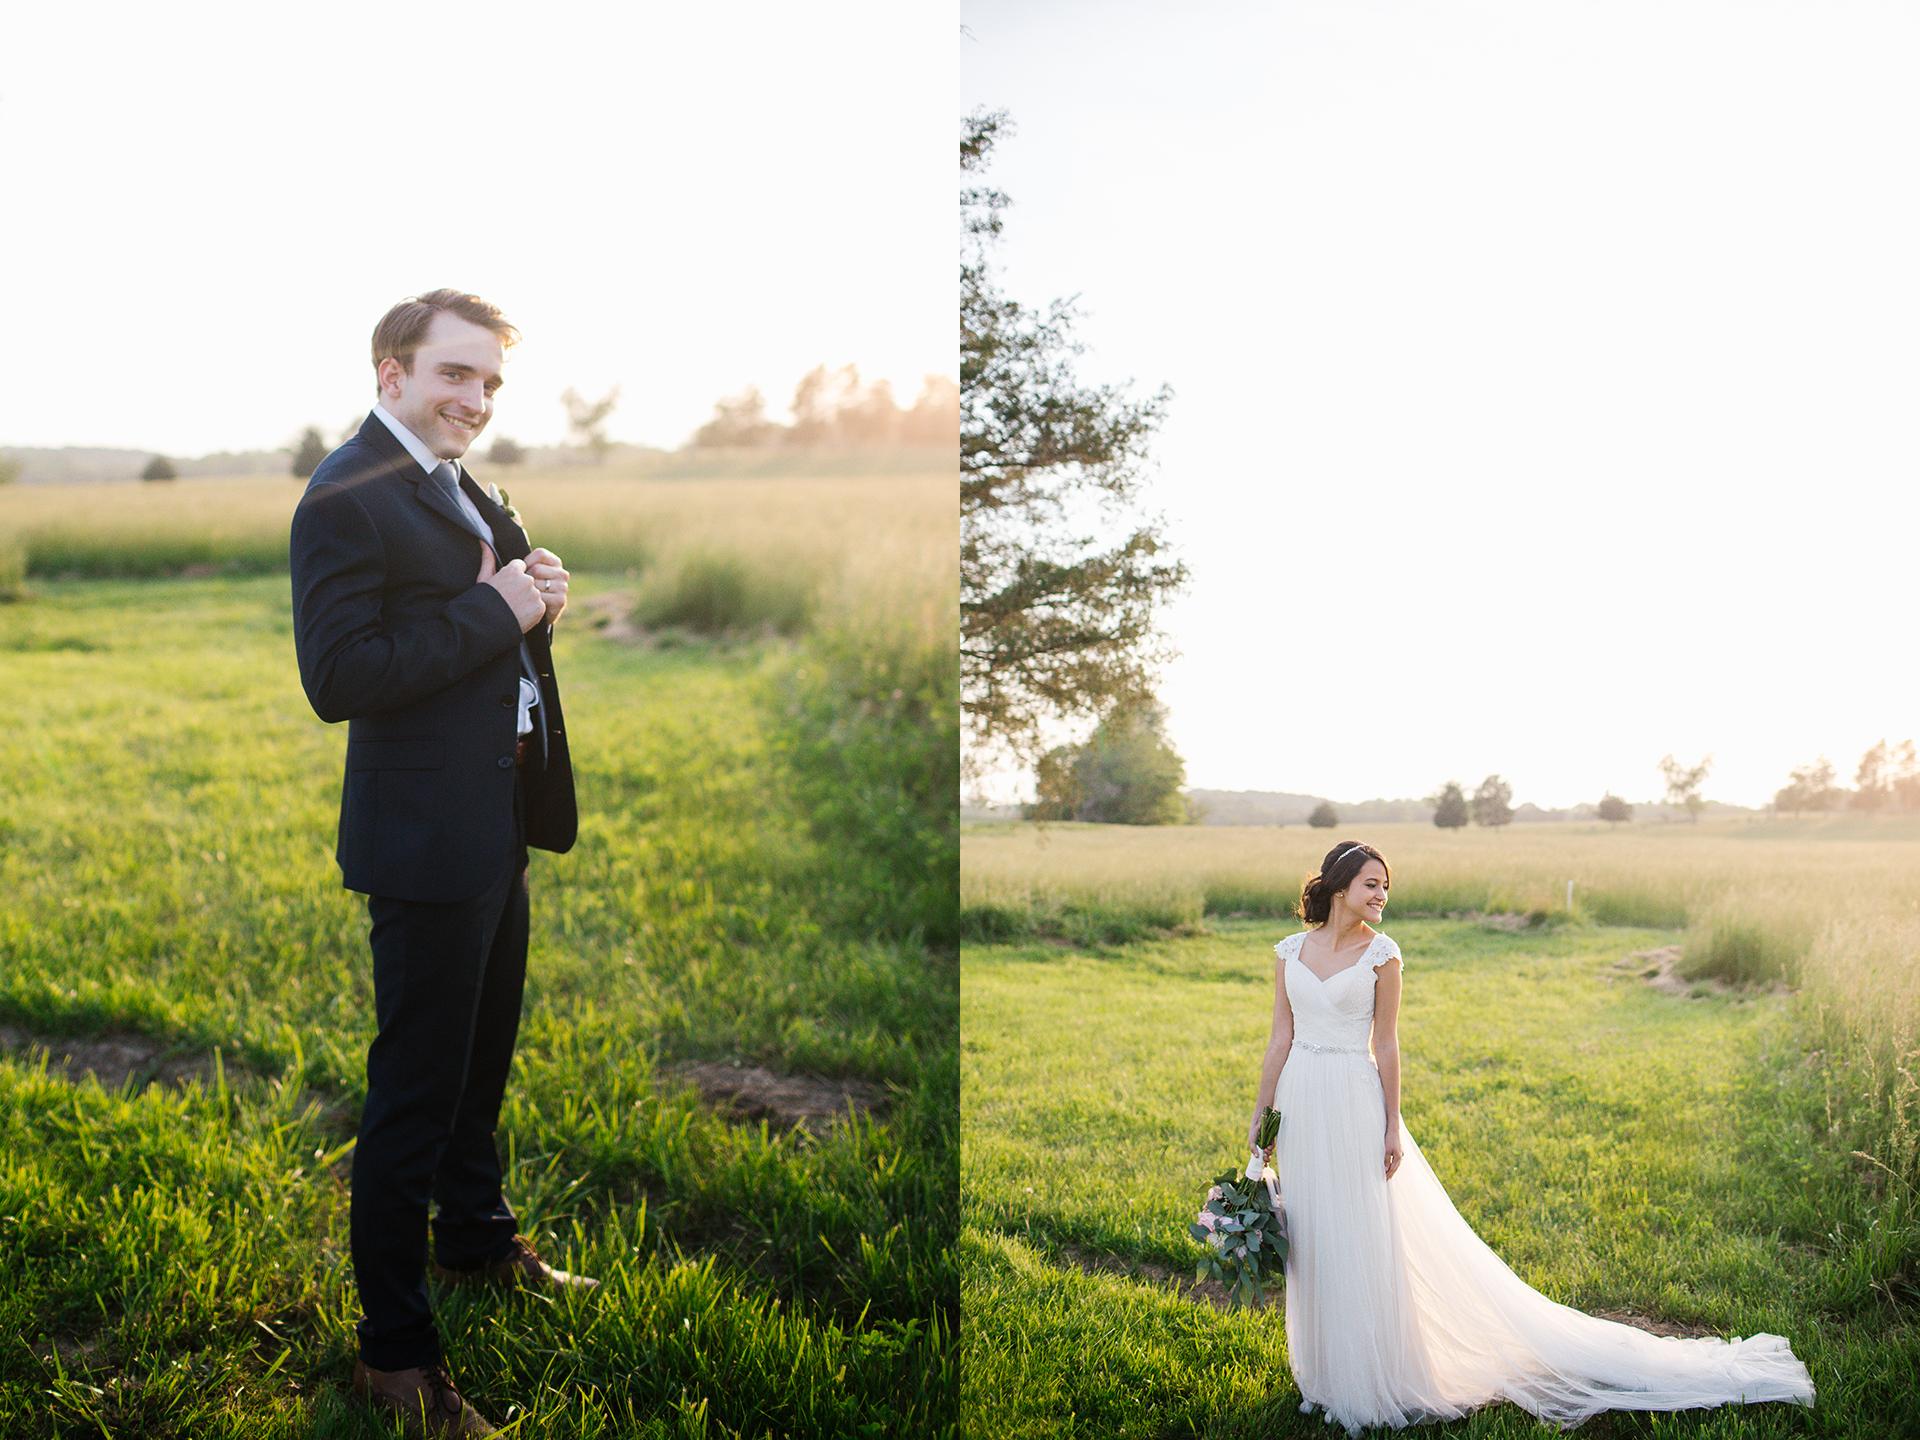 bride and groom sunset field rural wedding.jpg